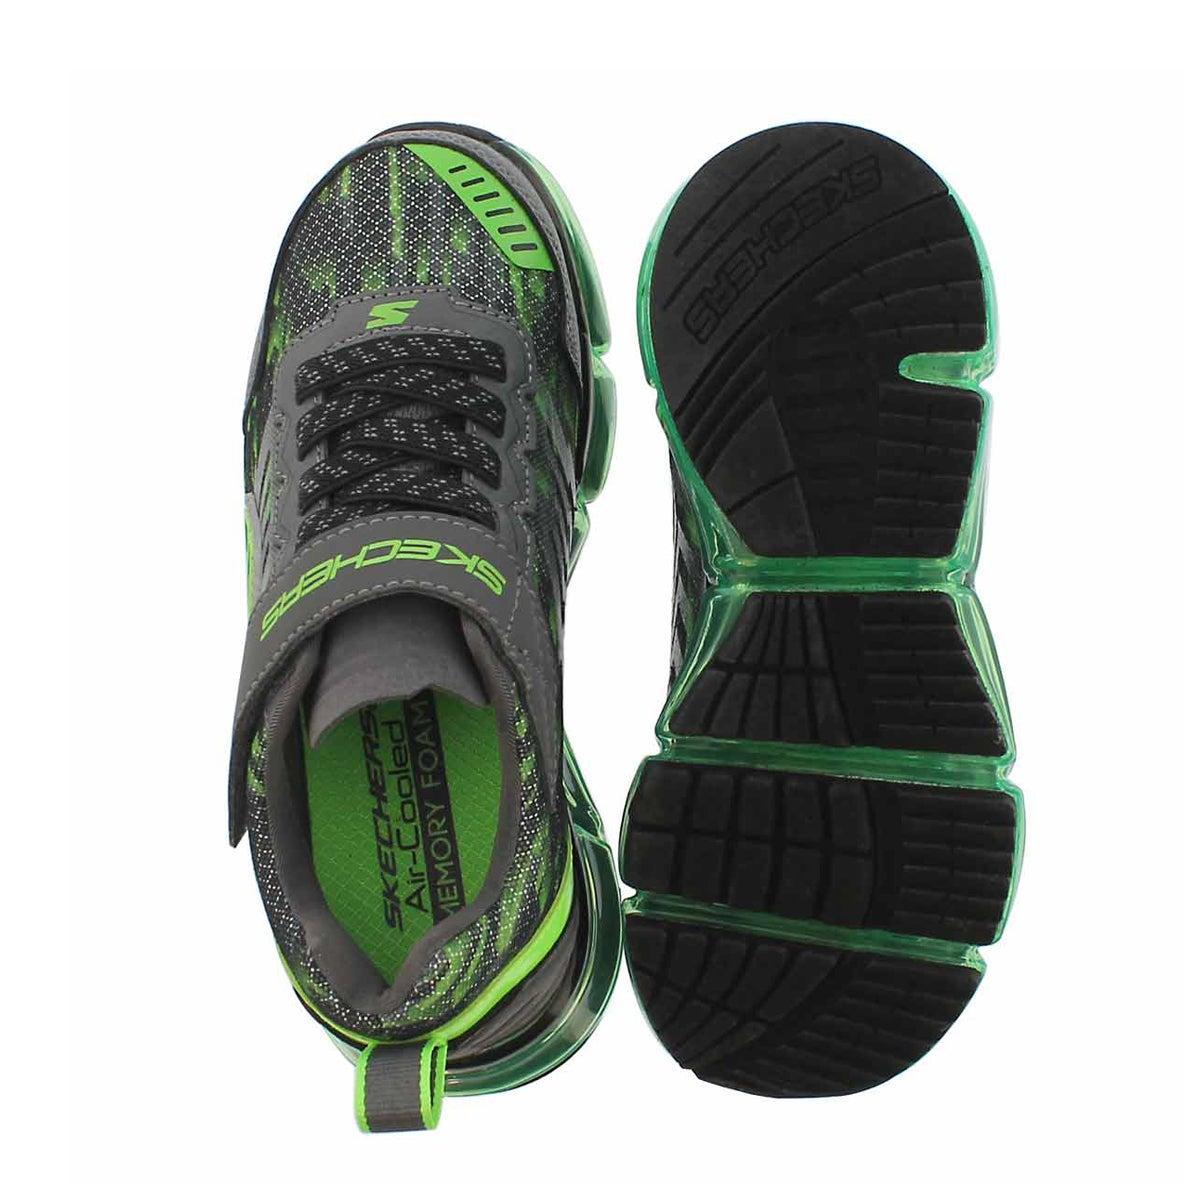 Bys Skech-Air Mega blk/grn sneaker